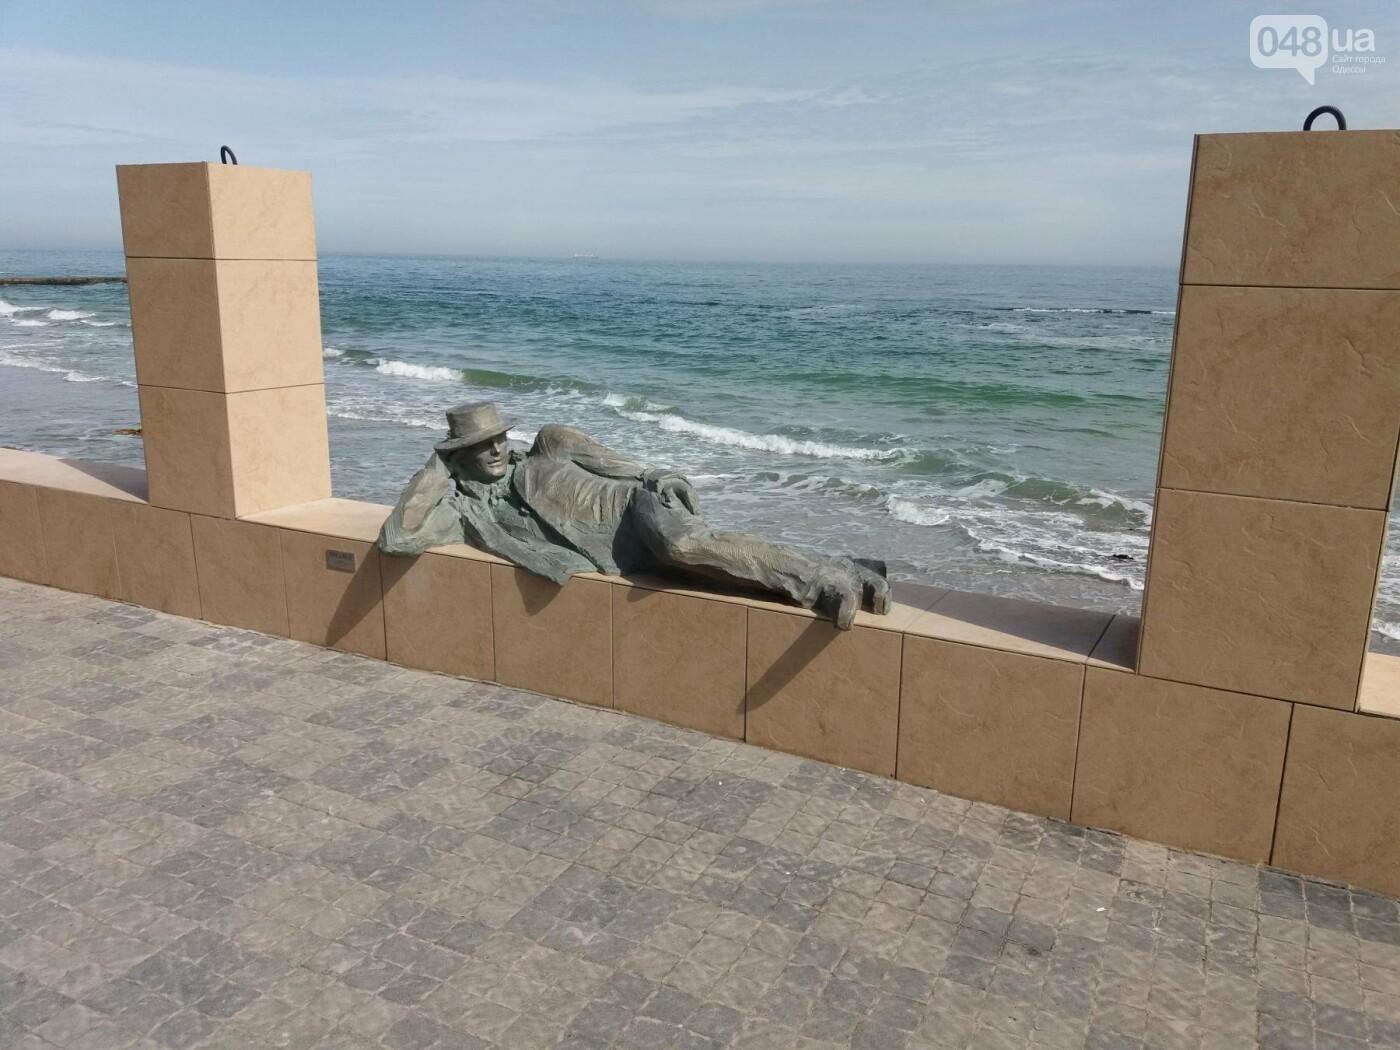 Творческий процесс: на 15 станции фонтана скульптор заканчивает ваять «Мечтателя» (ФОТО, ВИДЕО) , фото-2